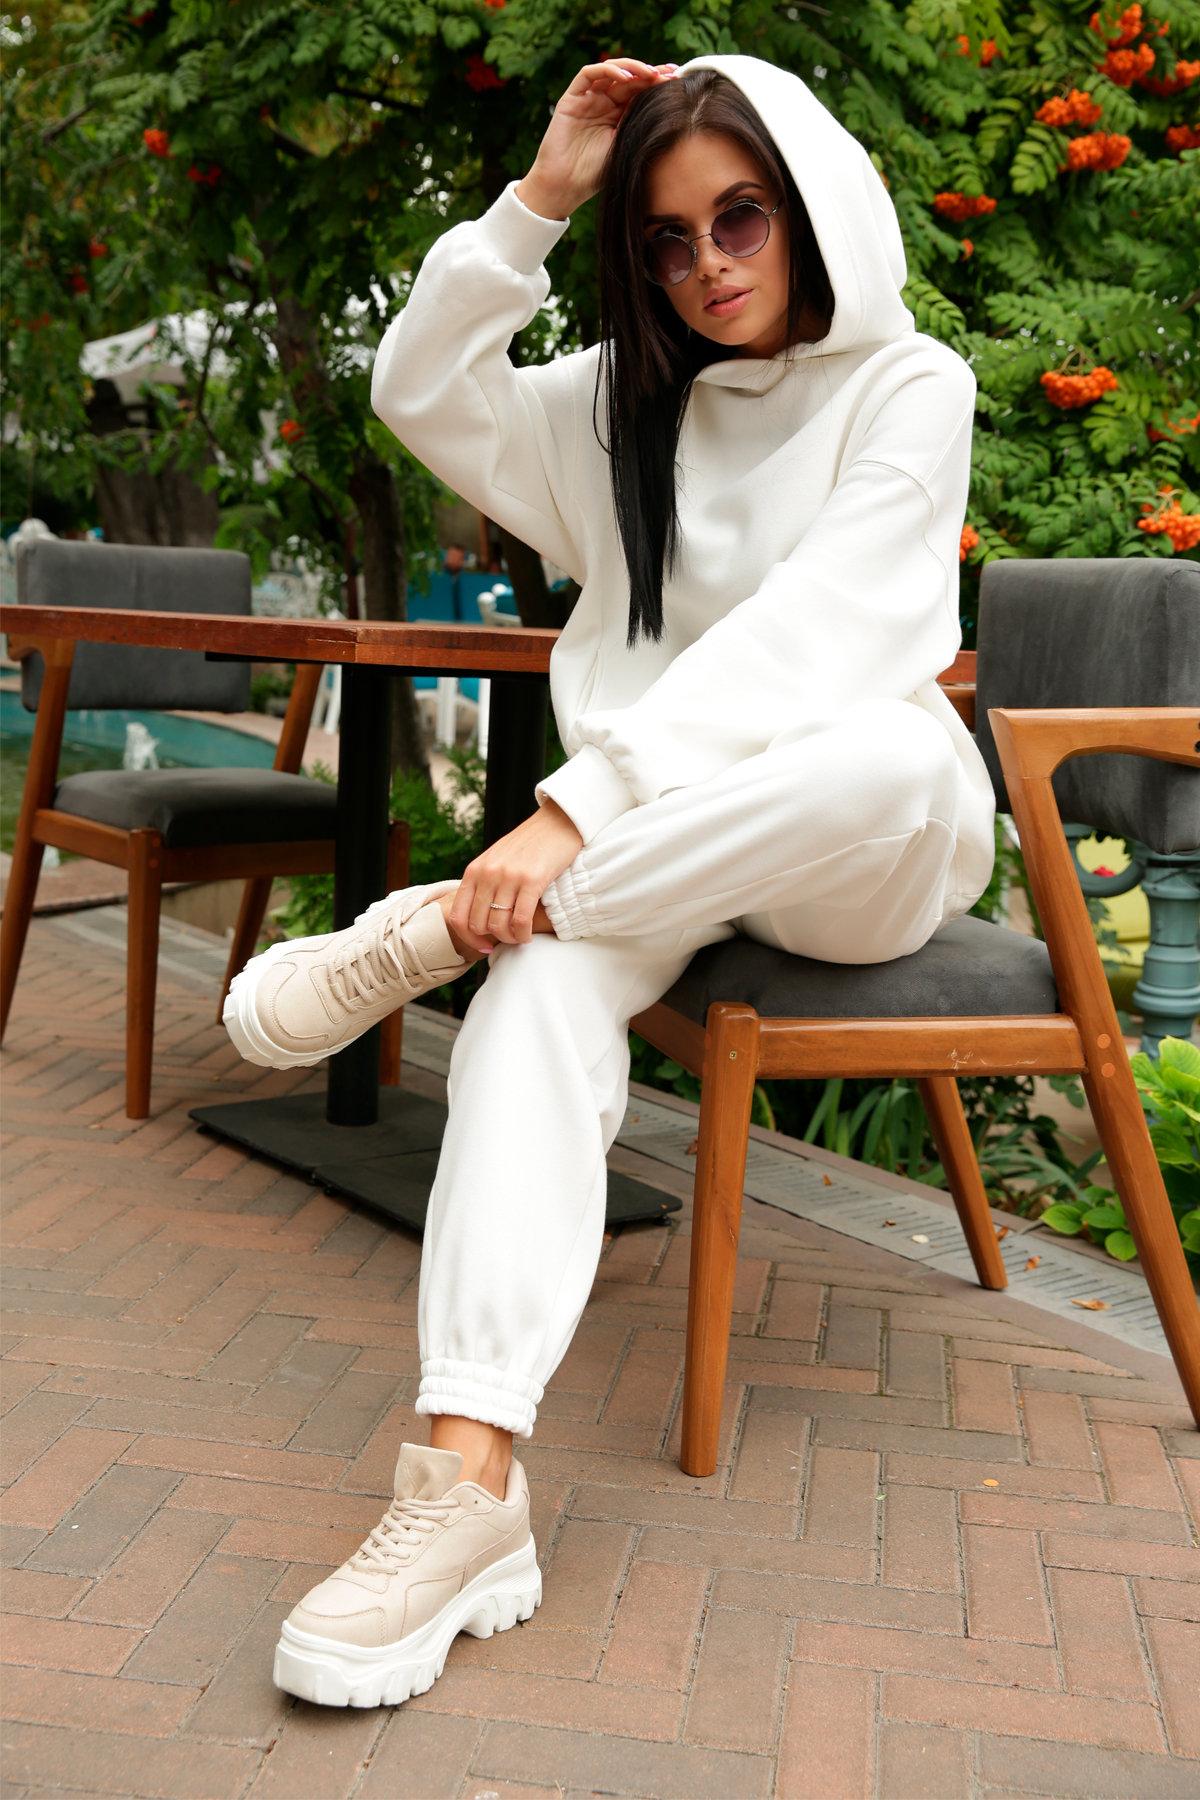 Марион костюм в  стиле Oversize  3х нитка 9651 АРТ. 46045 Цвет: Молоко - фото 14, интернет магазин tm-modus.ru